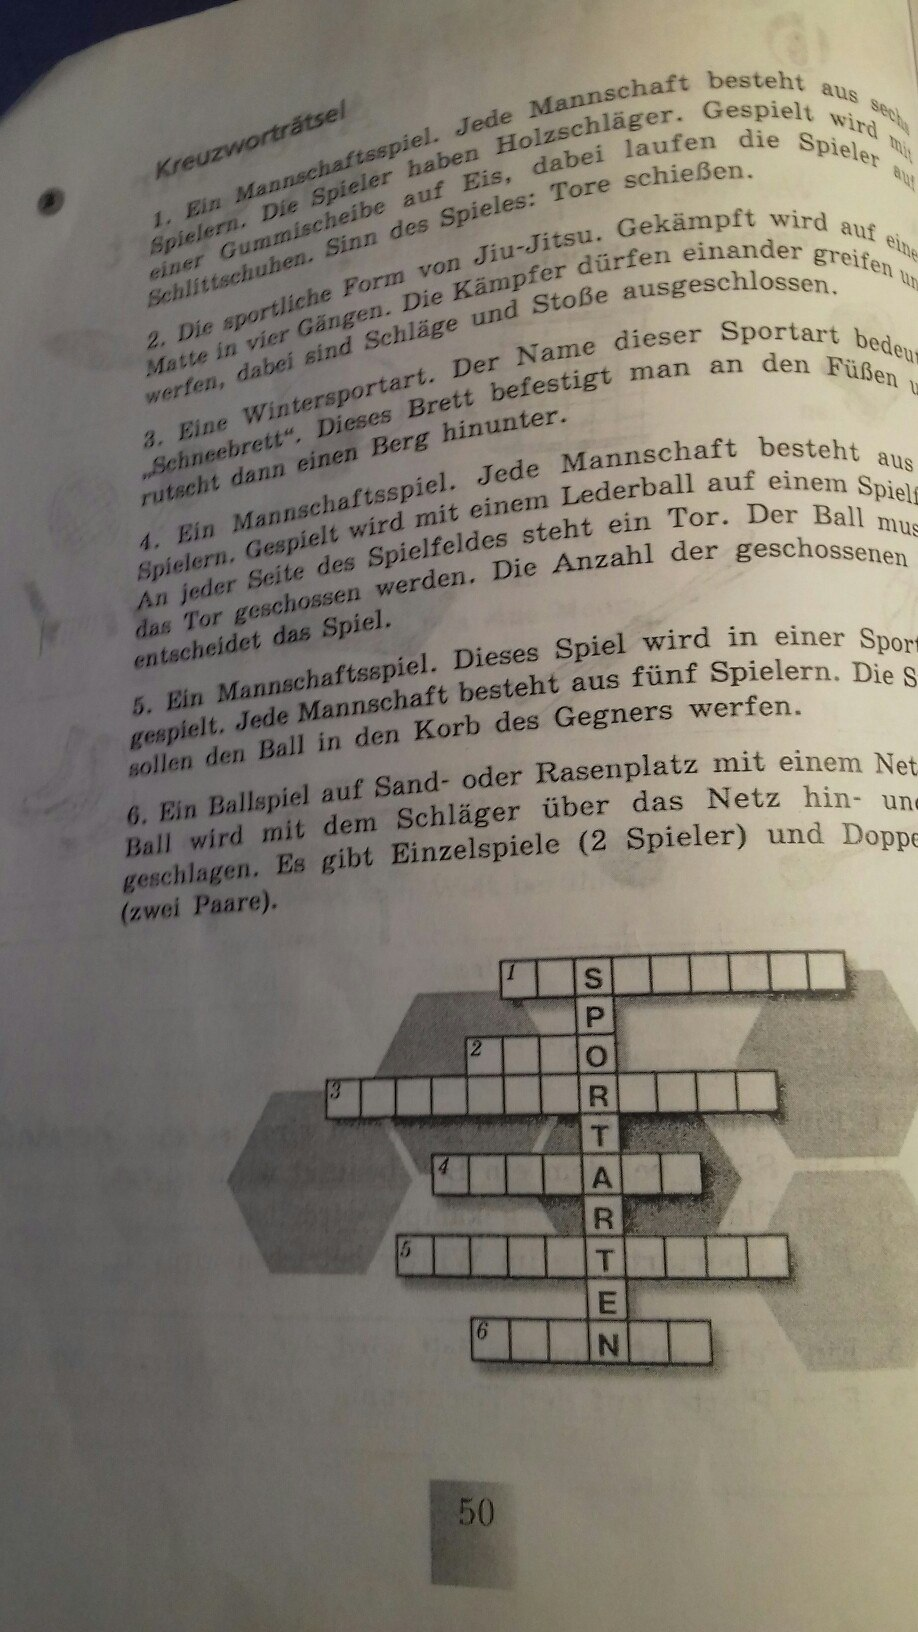 Гдз по немецкому языку 6 класс мозаика рабочая тетрадь